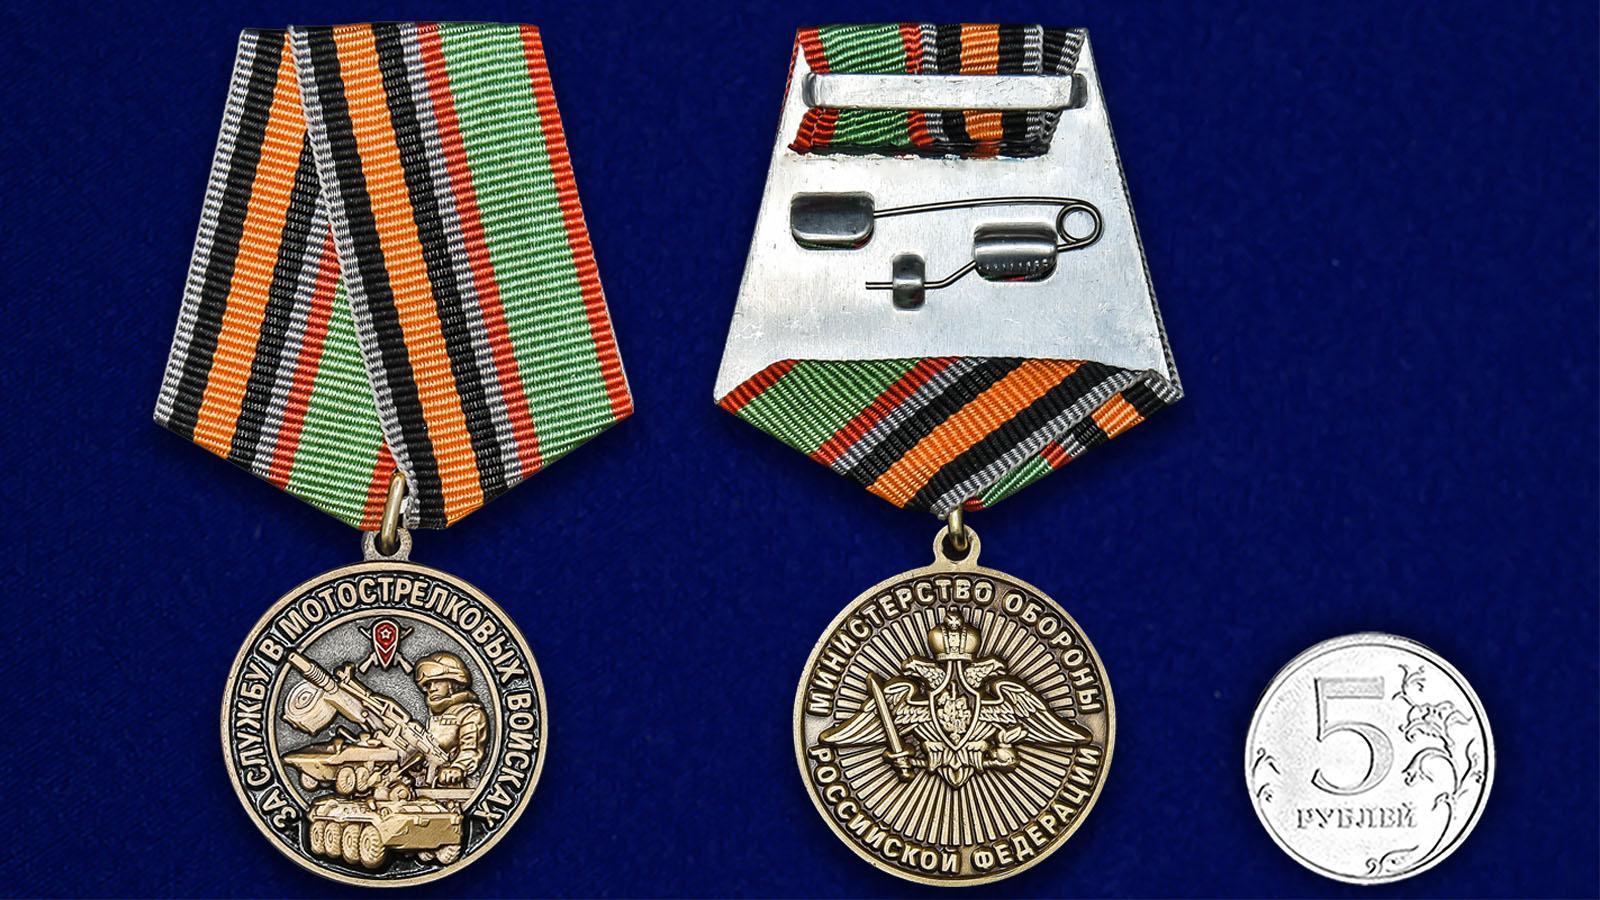 Наградная медаль За службу в Мотострелковых войсках - сравнительный вид